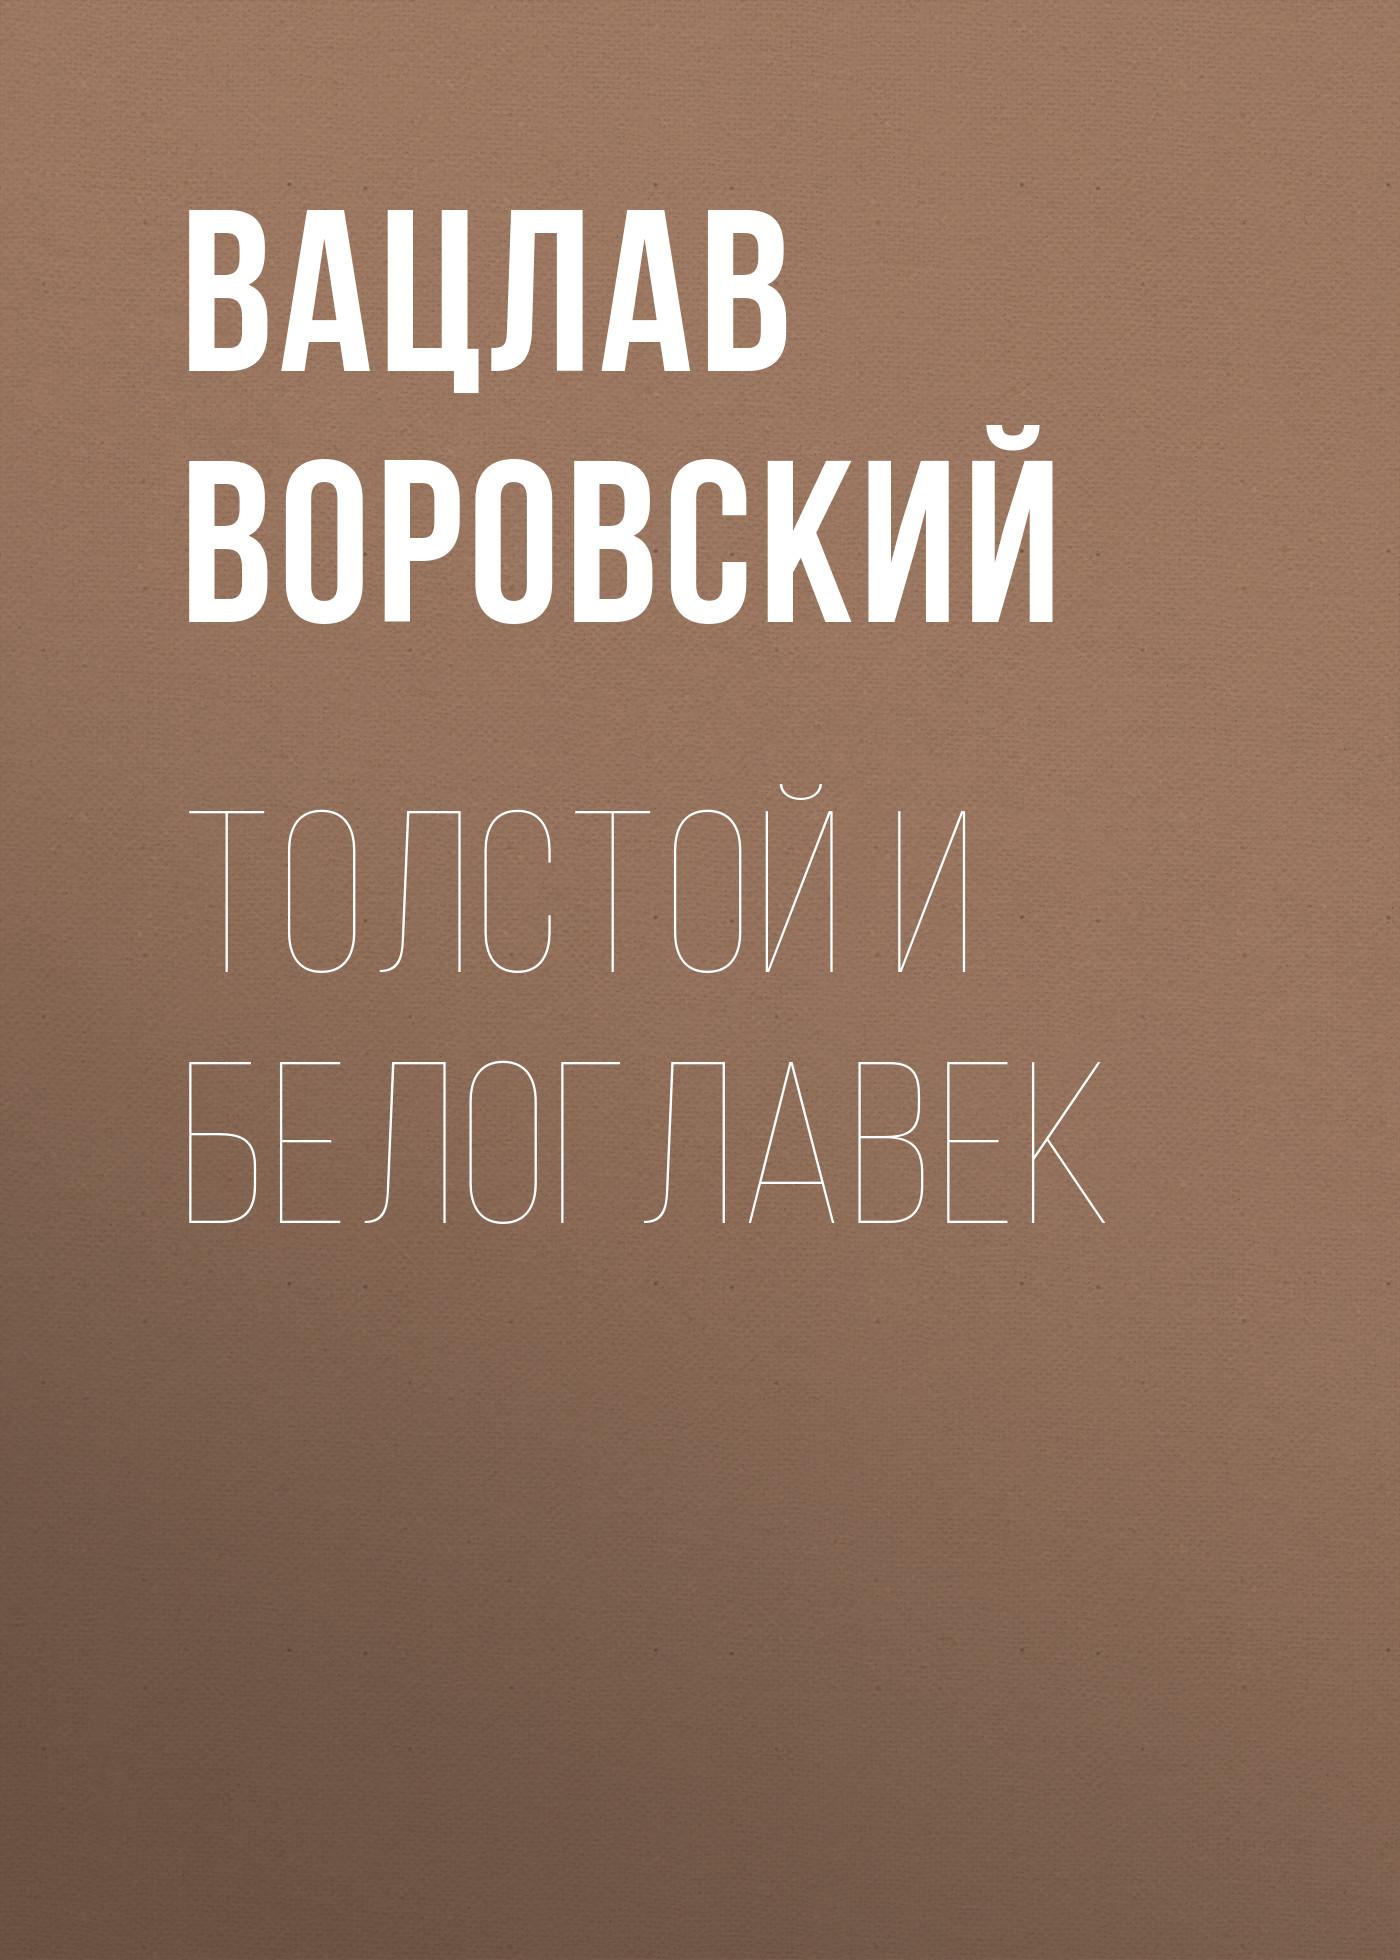 Вацлав Воровский Толстой и Белоглавек